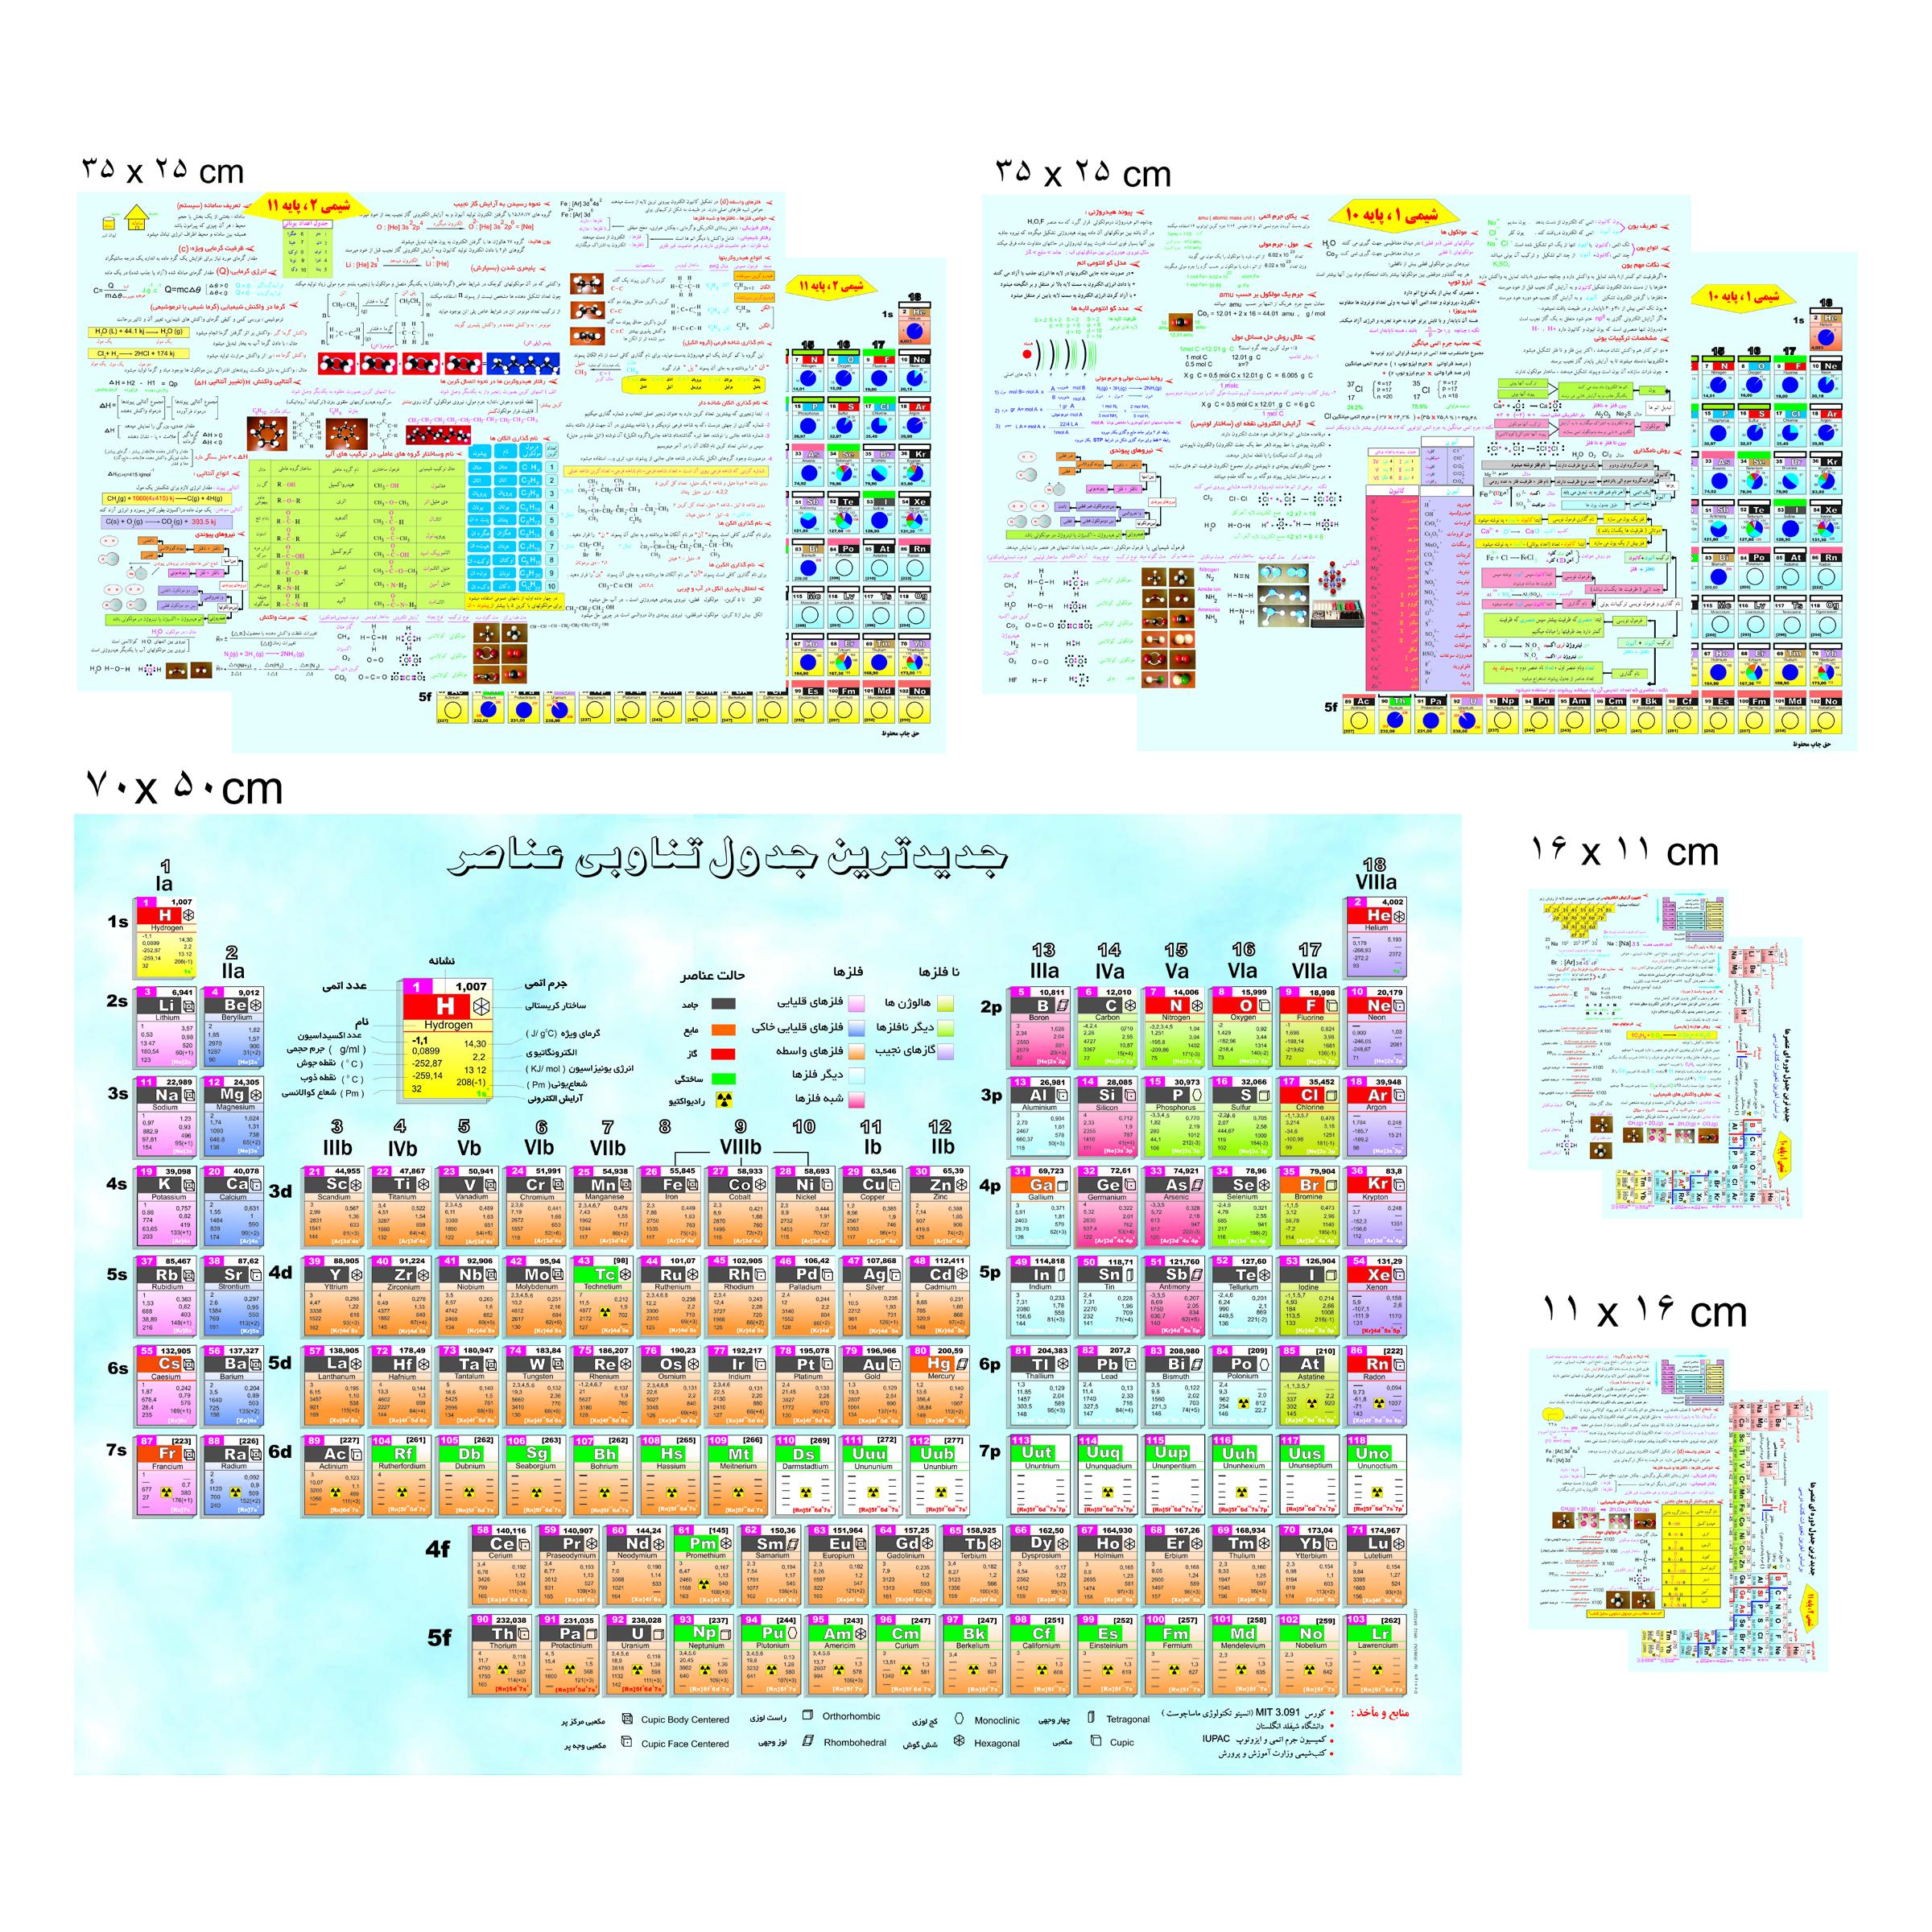 پوستر آموزشی  طرح جدول تناوبی شیمی پایه دوازدهم و کنکور کد 122 مجموعه 5 عددی